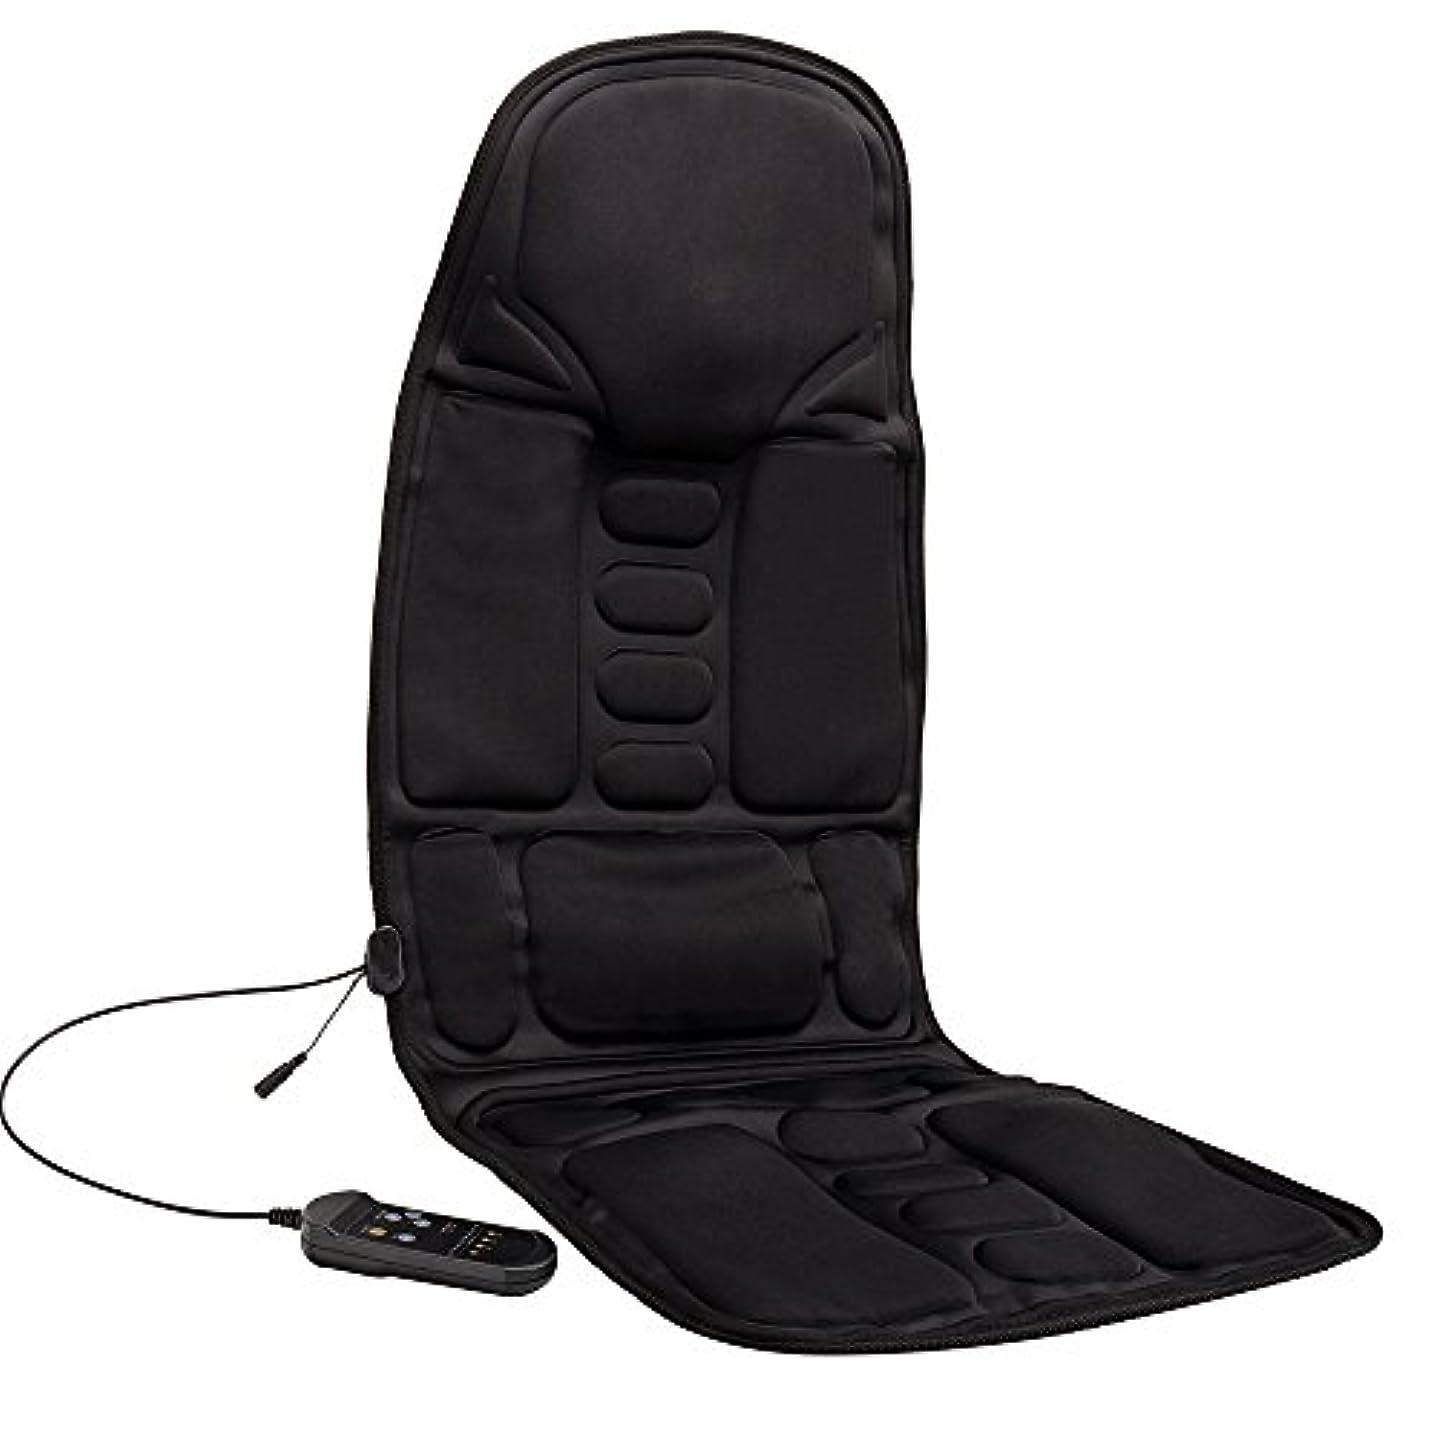 ガラス放課後以降Kindness マッサージシート ヒーター搭載 高品質PUレザー製 どこでもマッサージャー オフィス 旅行 ホーム 車シート ギフト ブラック